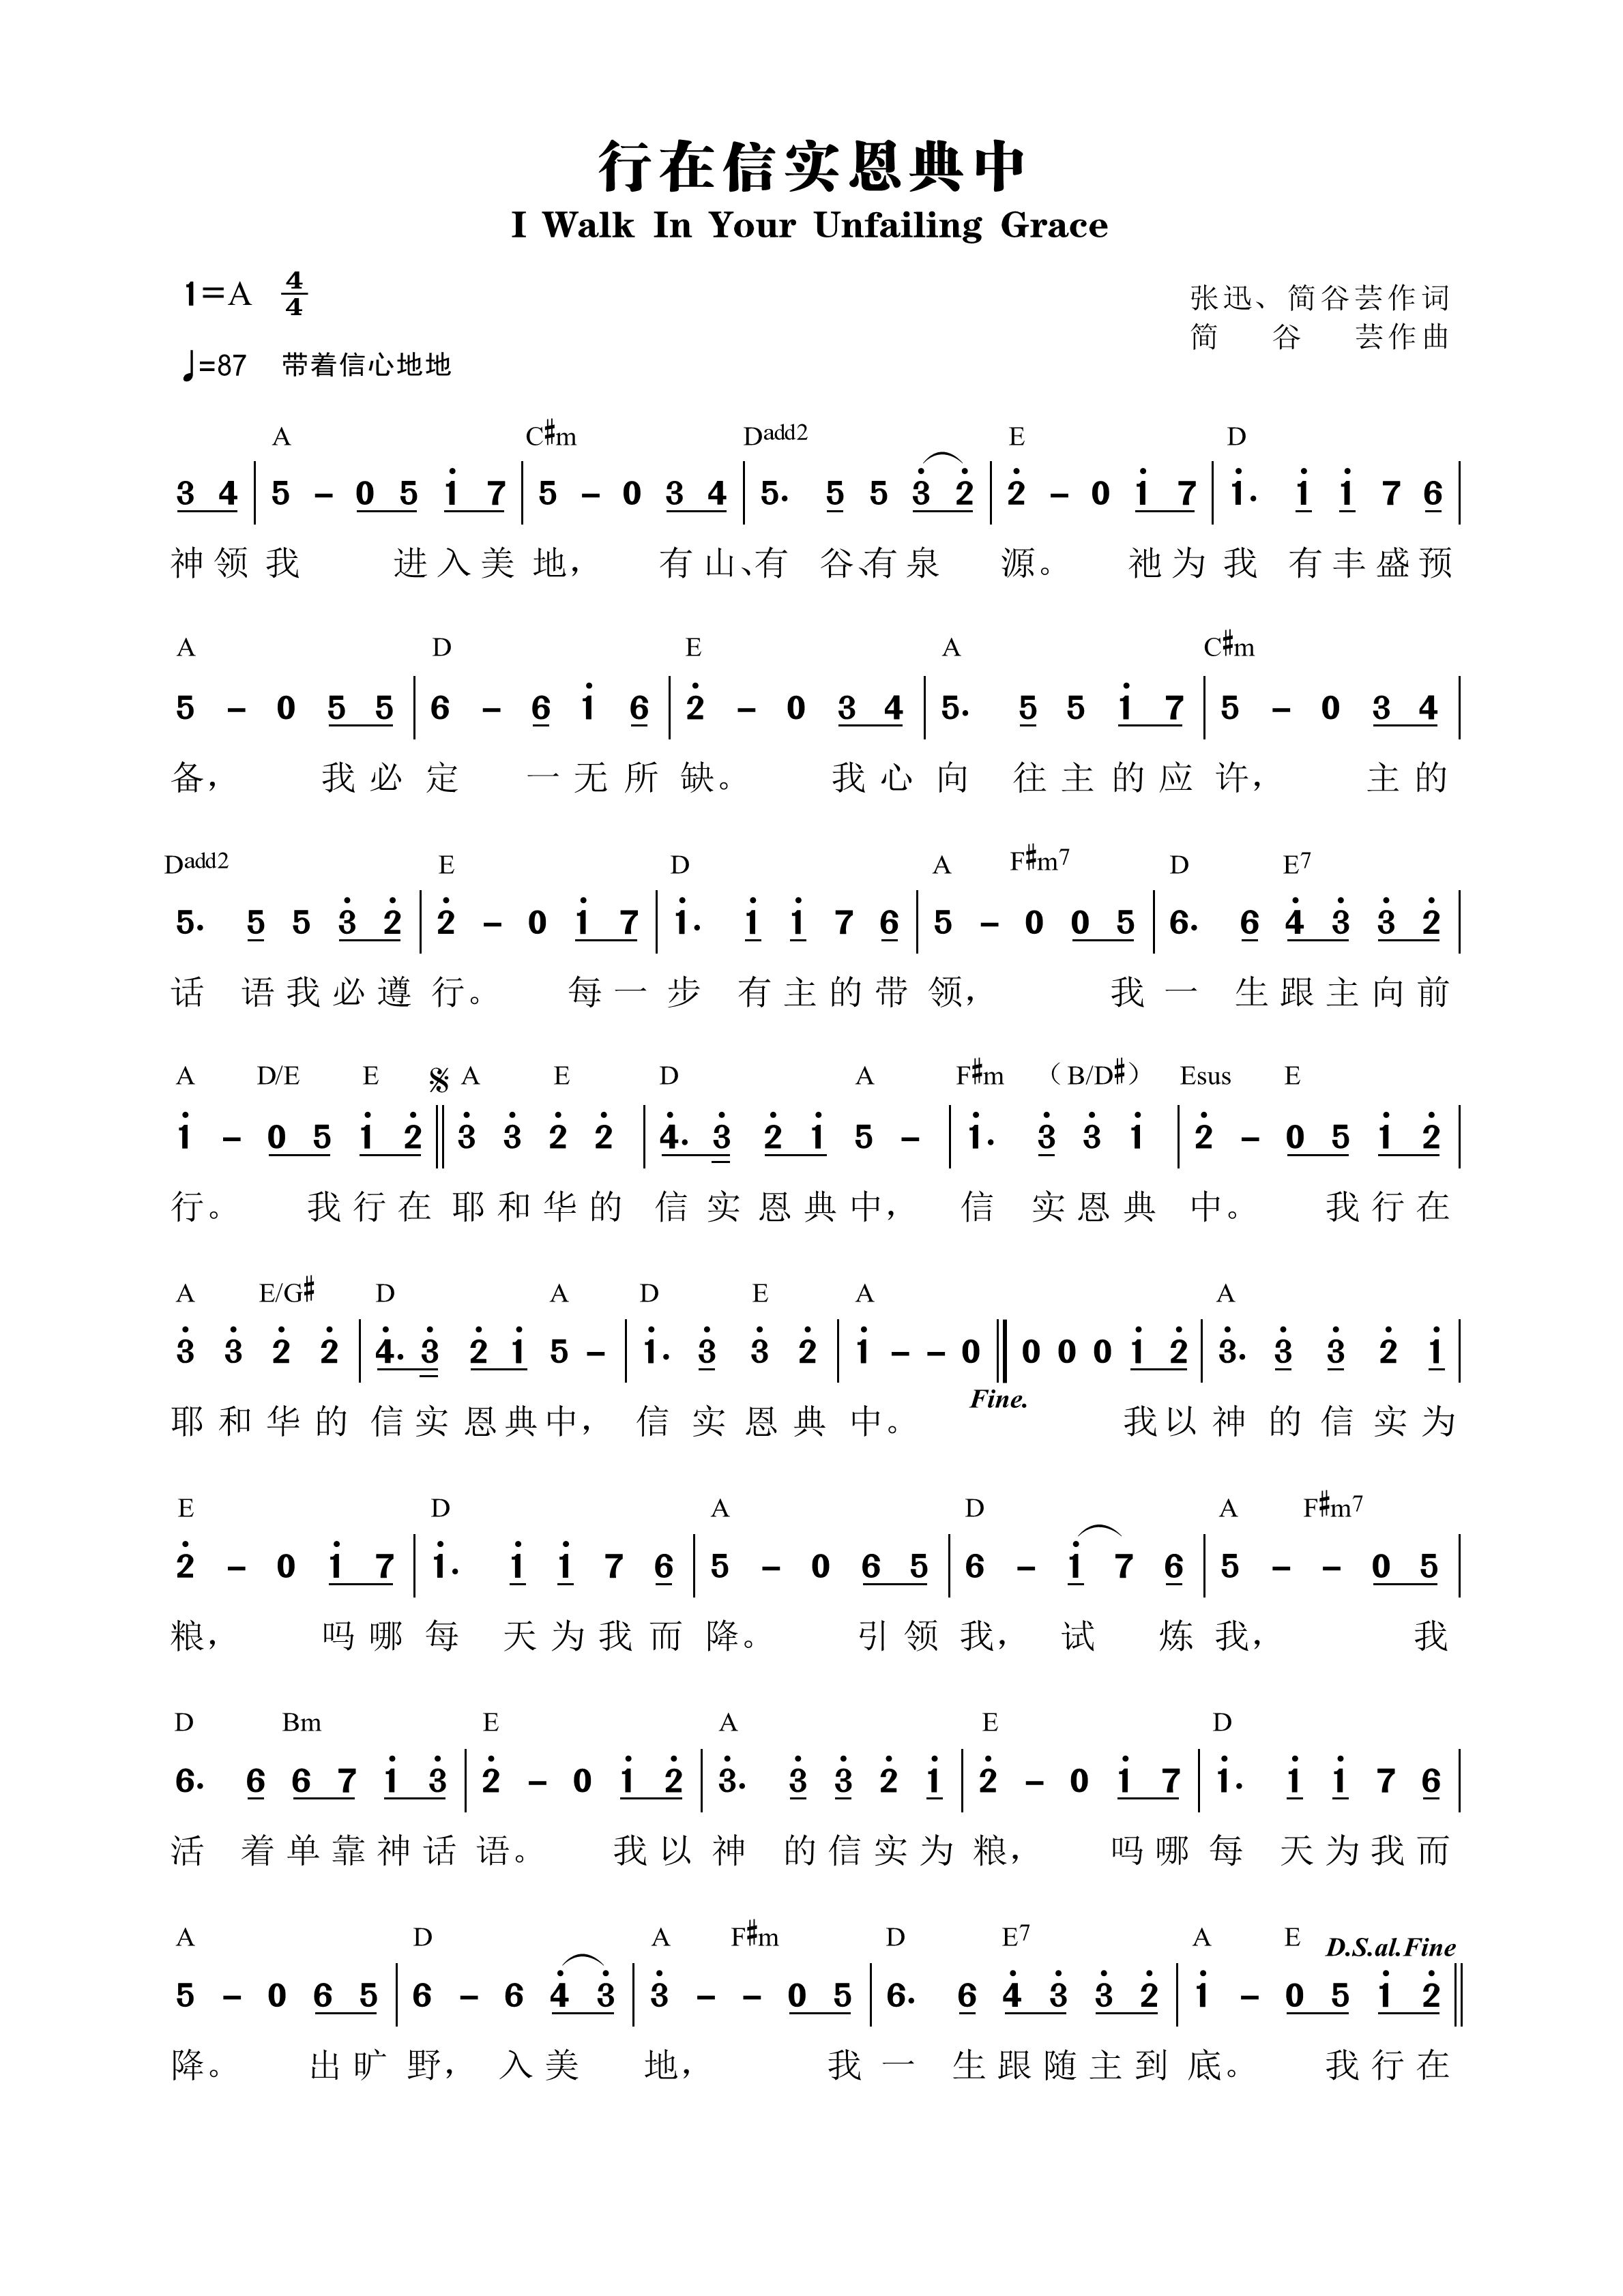 《行在信实恩典中 和弦简谱》